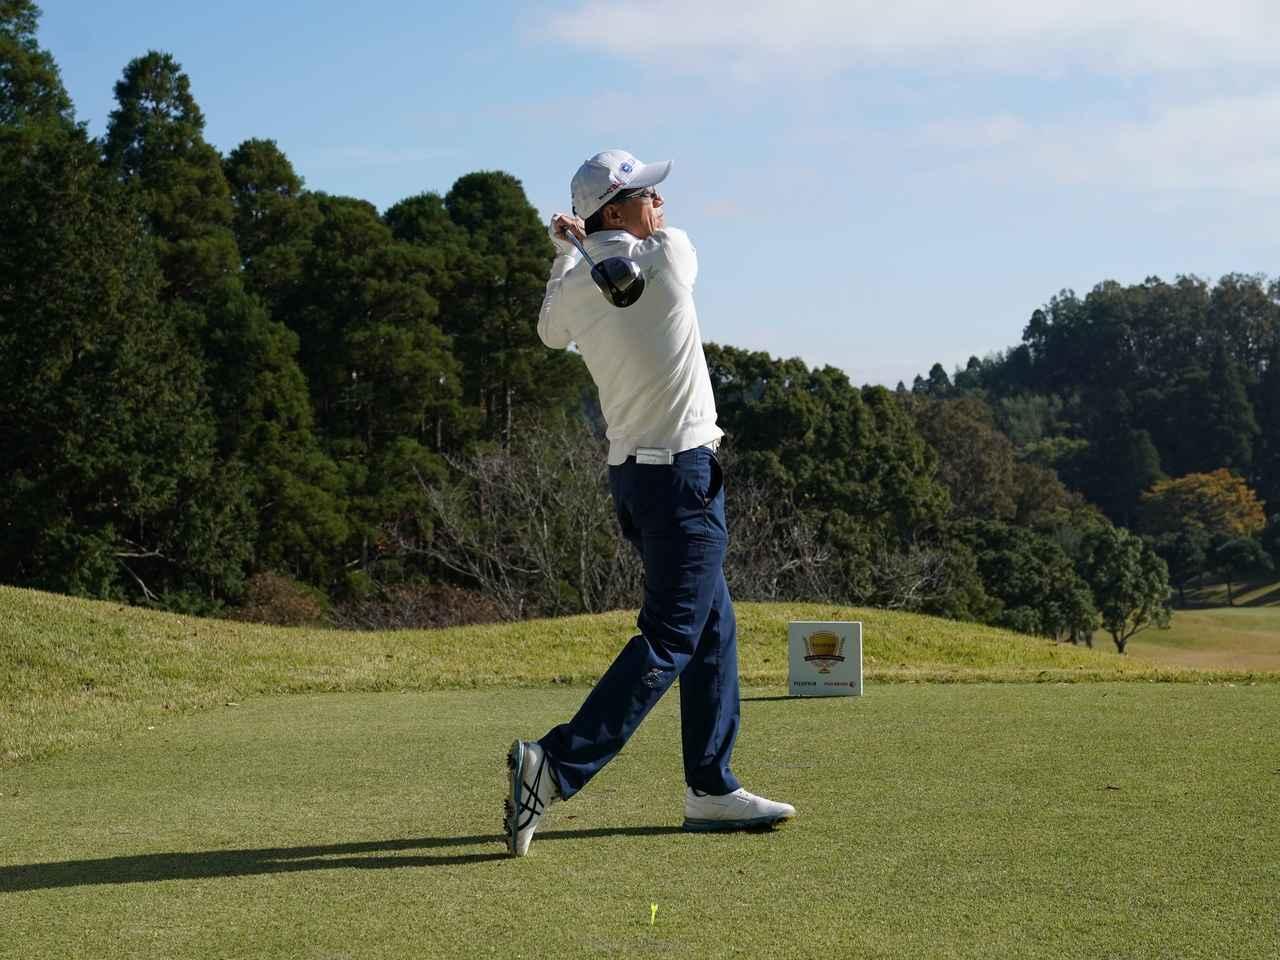 画像7: 【ミート率】ボールを左に置くから体が流れる。ボールはスタンスの真ん中に! 田村流スウェイの直し方